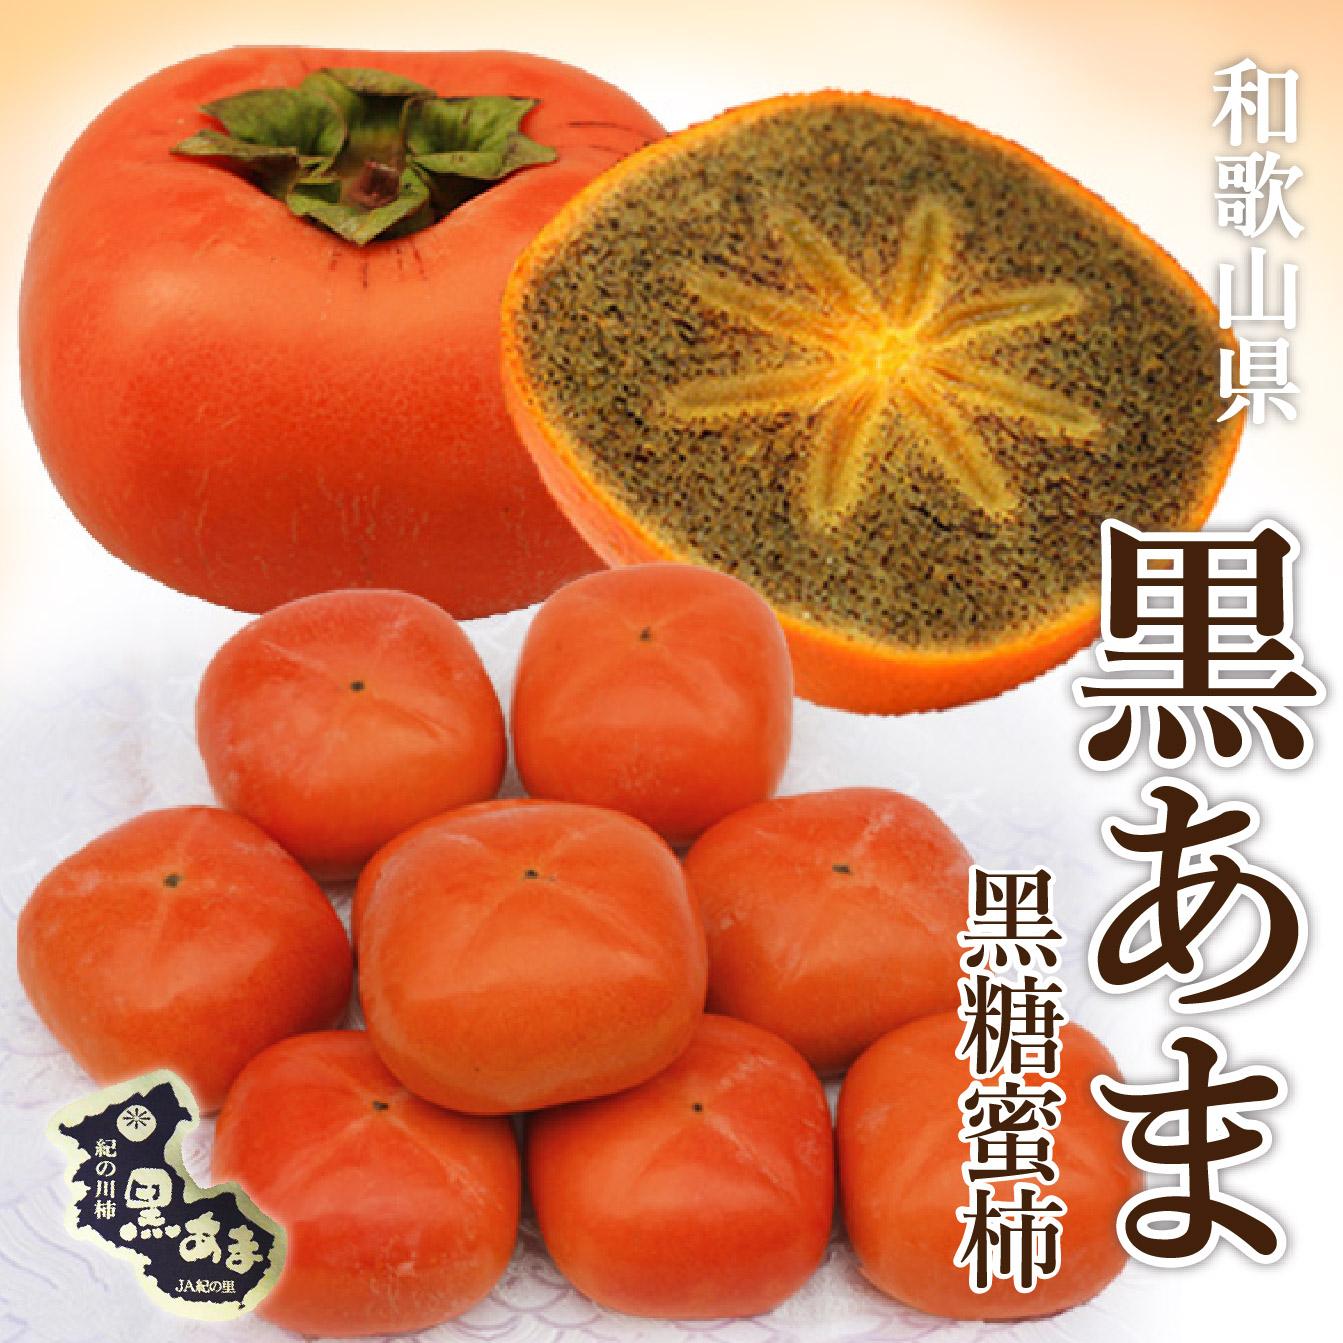 【日本和歌山黑糖蜜柿】日本原裝箱11-13玉